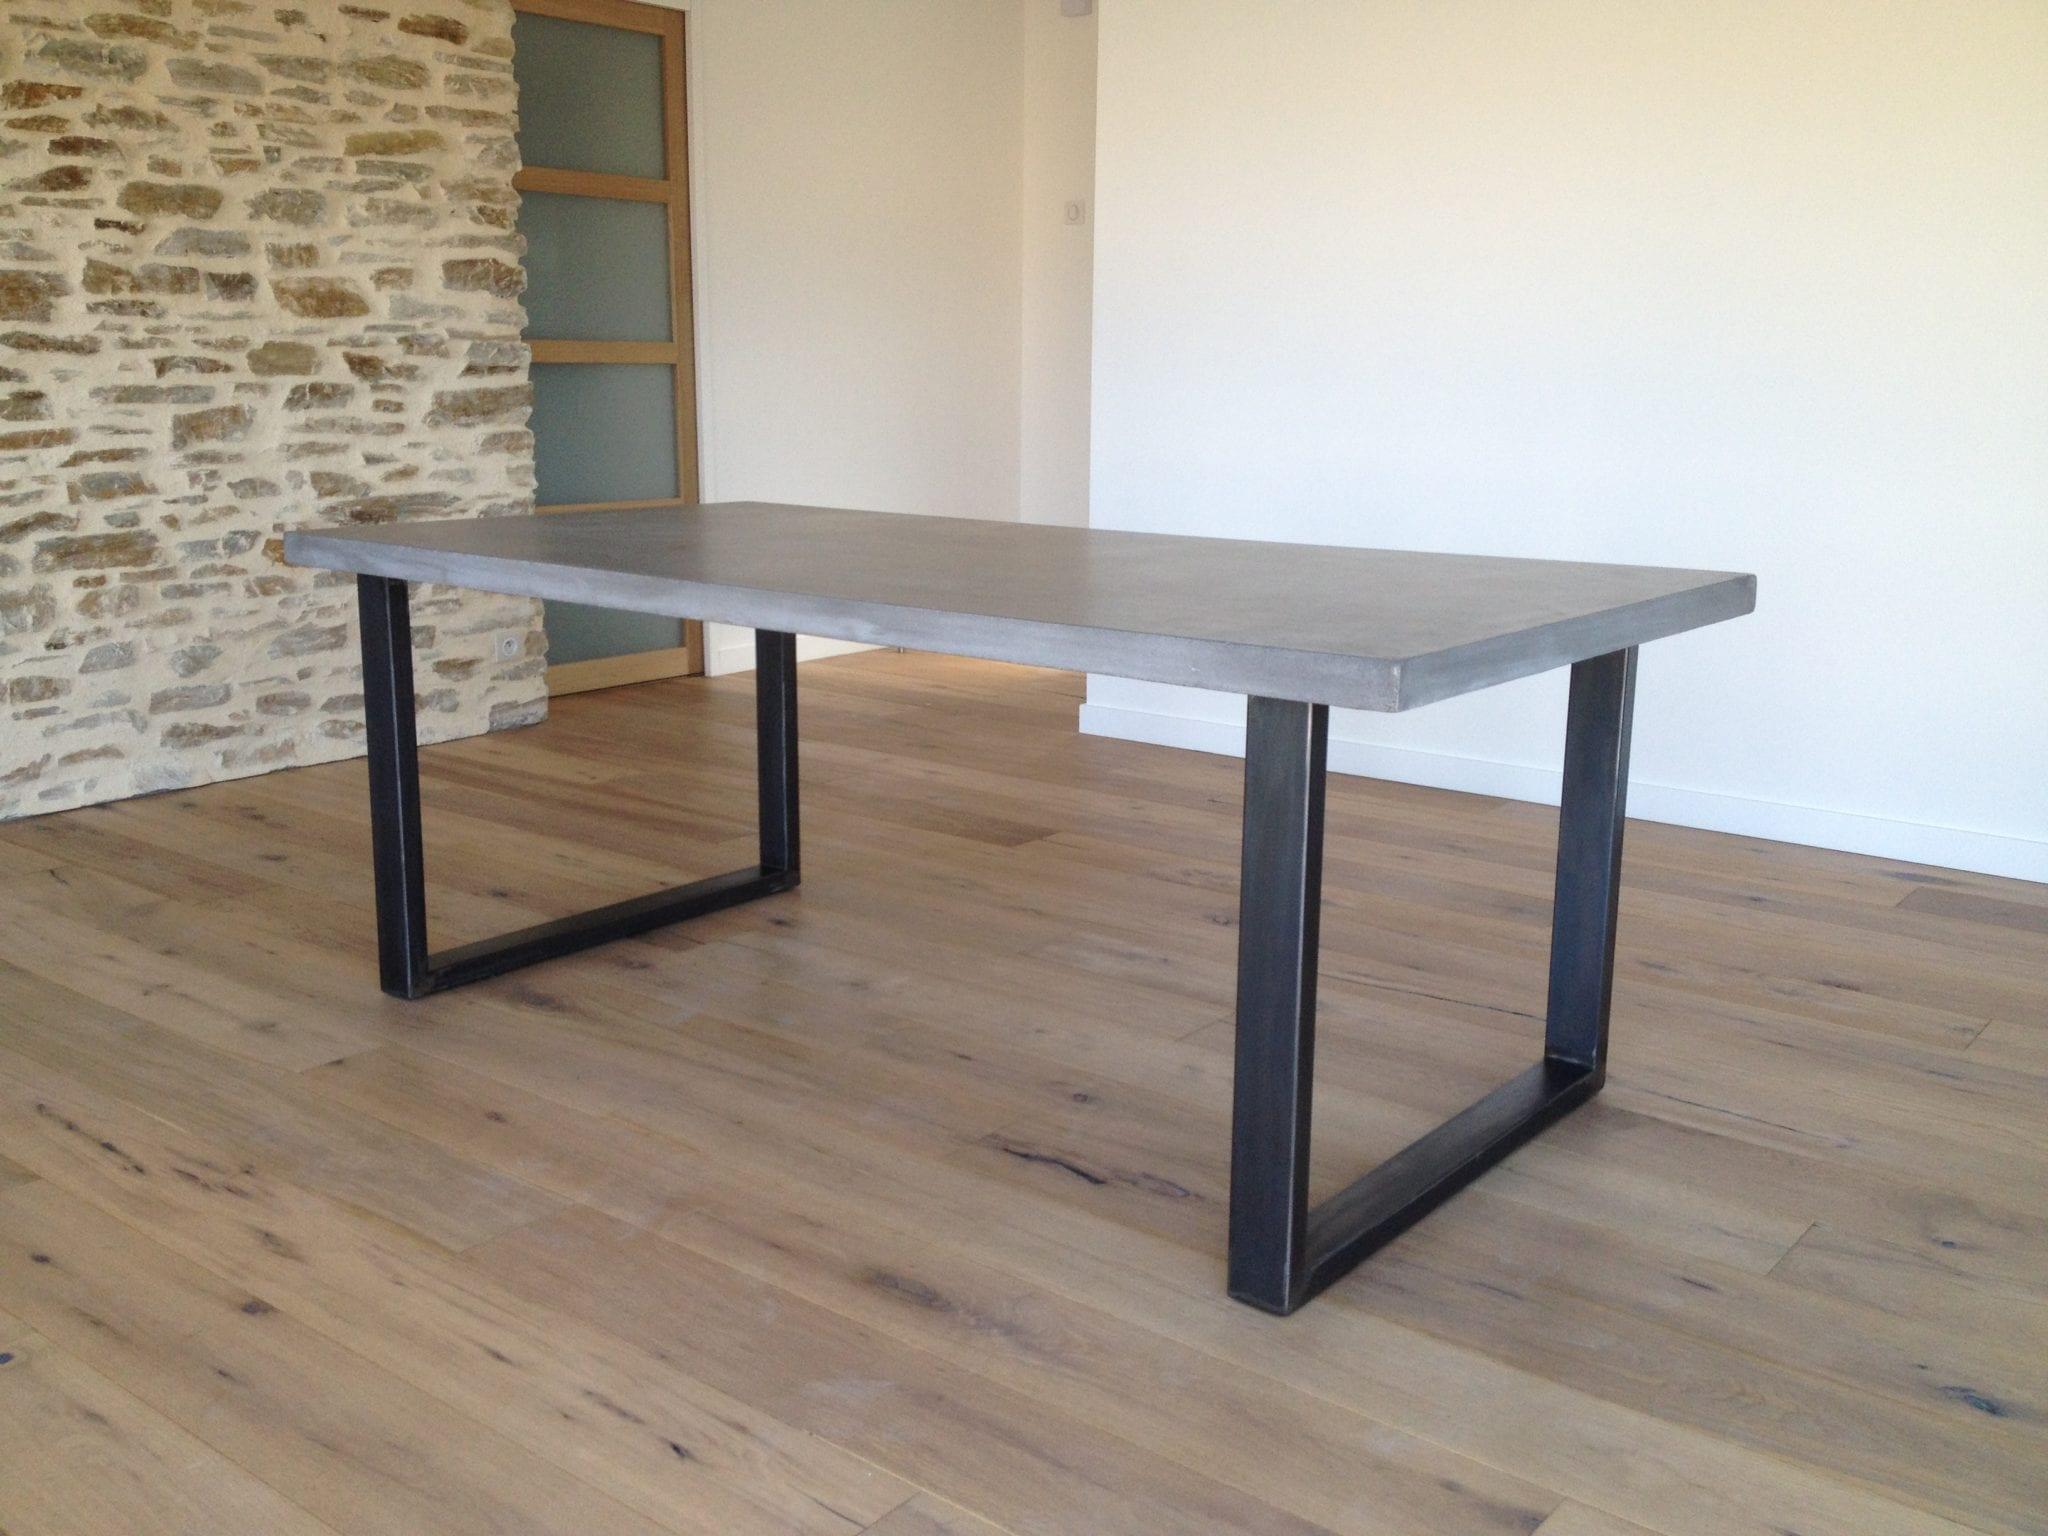 table reca – matières grises